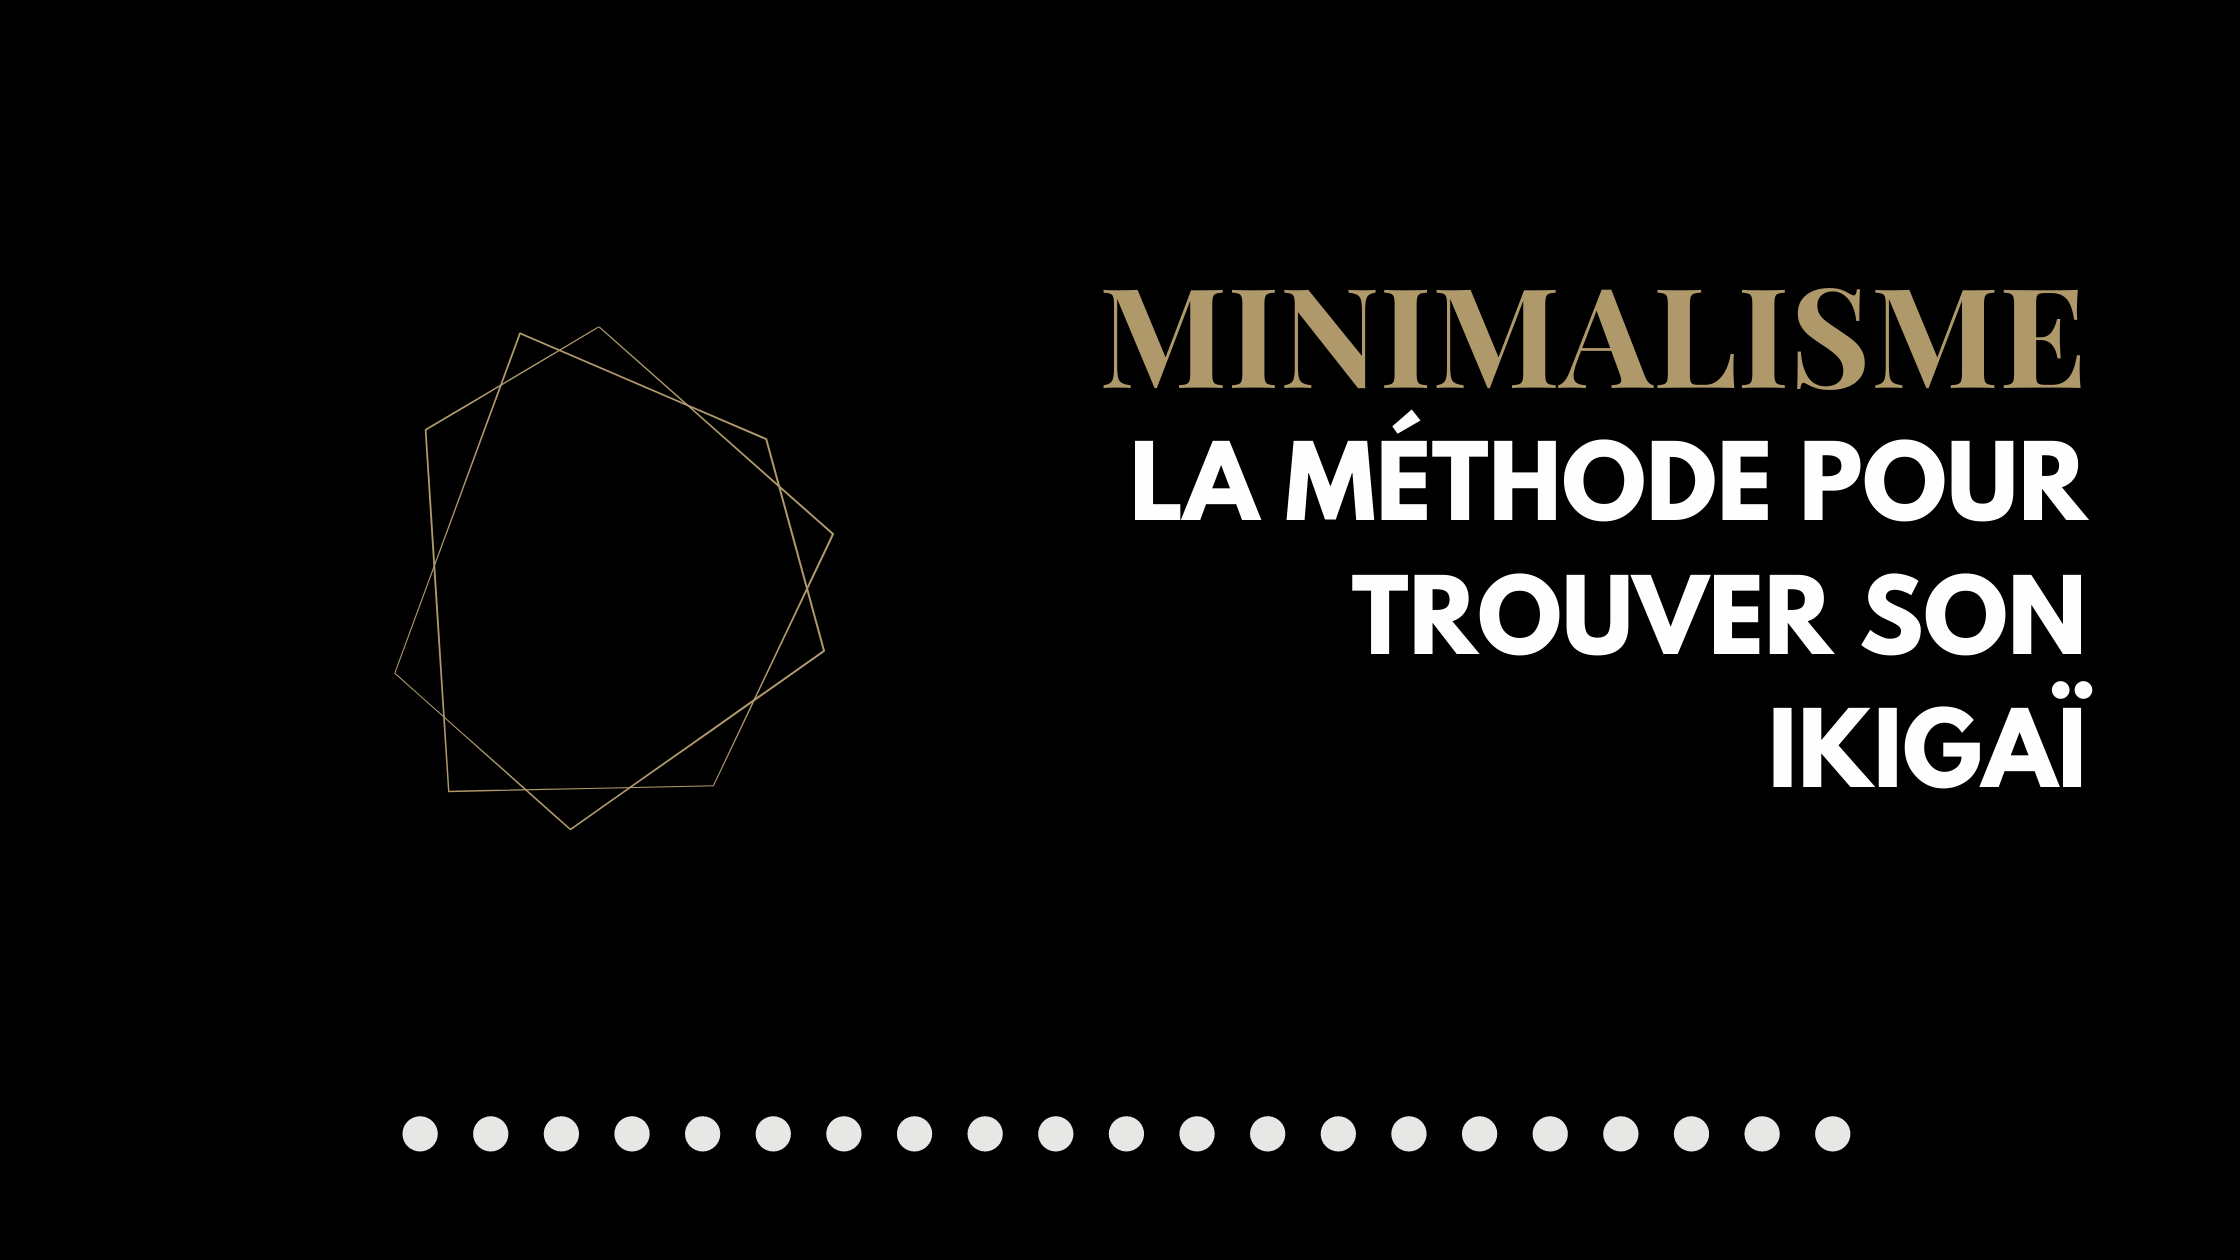 Le minimalisme : une méthode pour trouver son Ikigaï